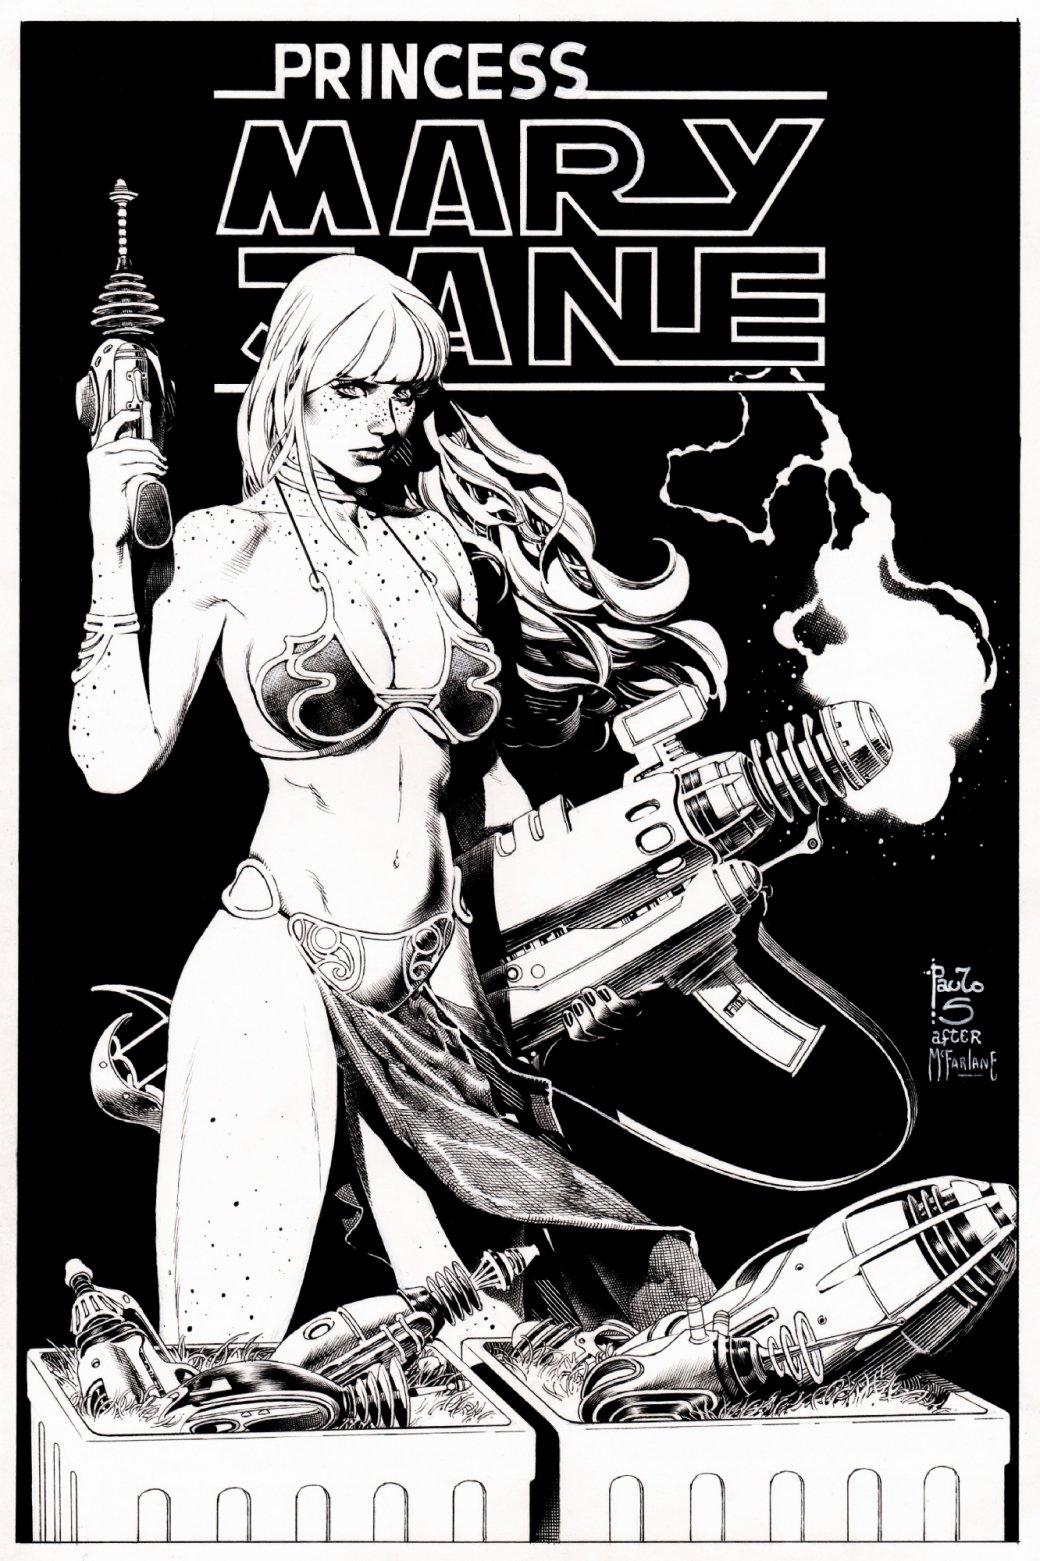 Всети появилась неиспользованная обложка комикса о Мэри Джейн с отсылкой к«Звездным войнам»   Канобу - Изображение 8343